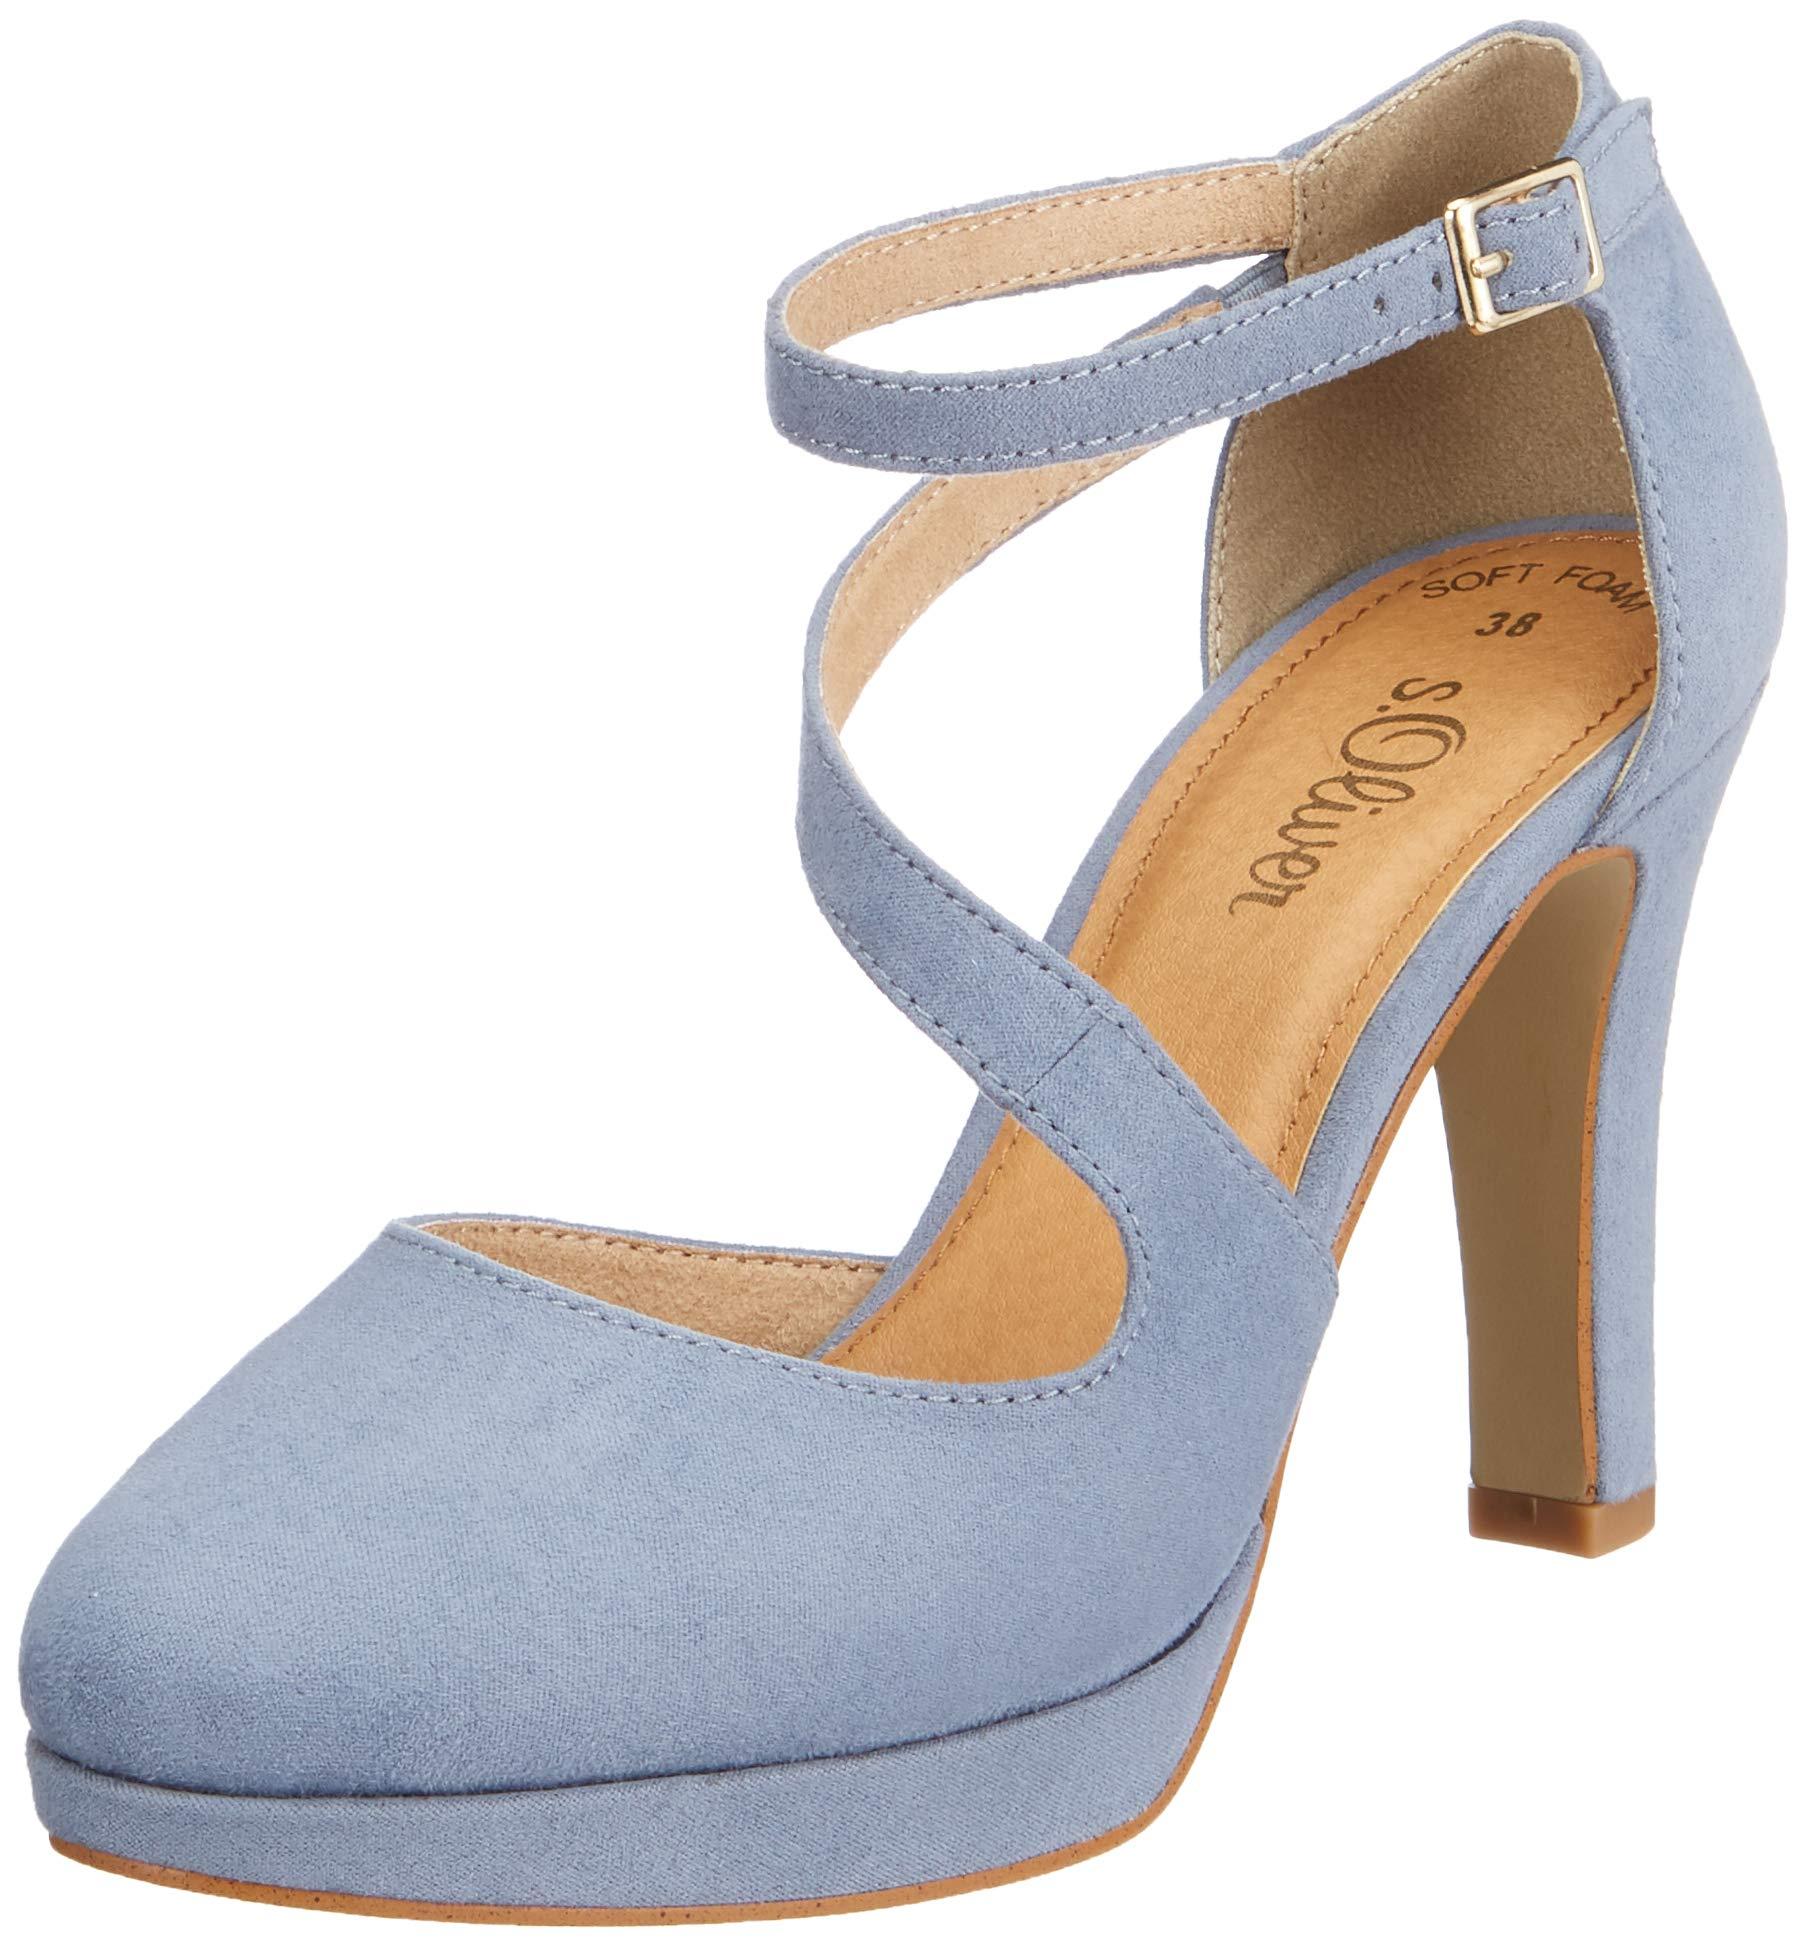 Blue 32Escarpins 80940 oliver 5 24420 FemmeBleusky 5 Eu S oeBdCWQrx